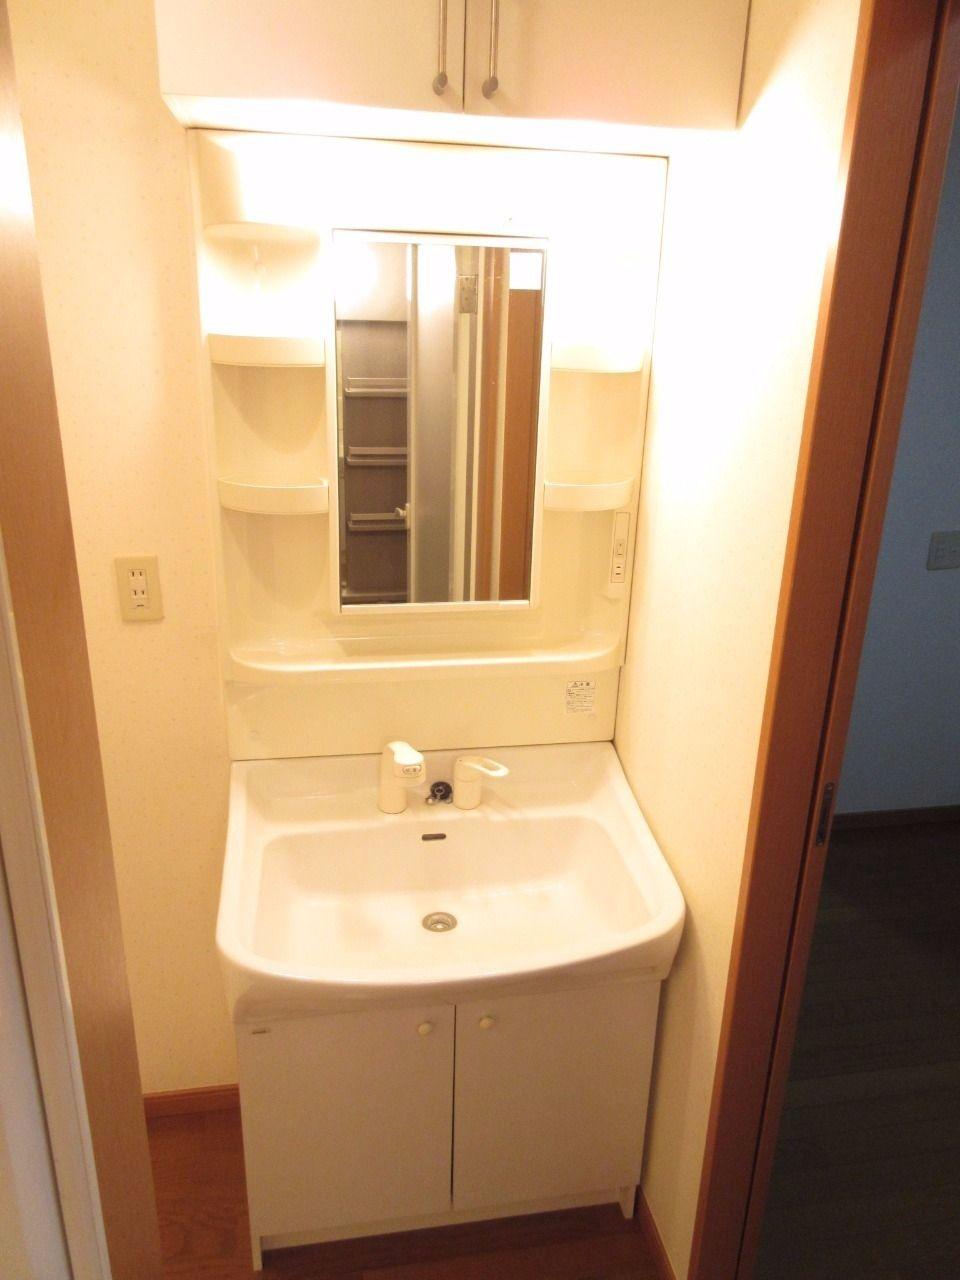 シャワーノズルが伸びるので、洗面台の掃除も隅々までできます